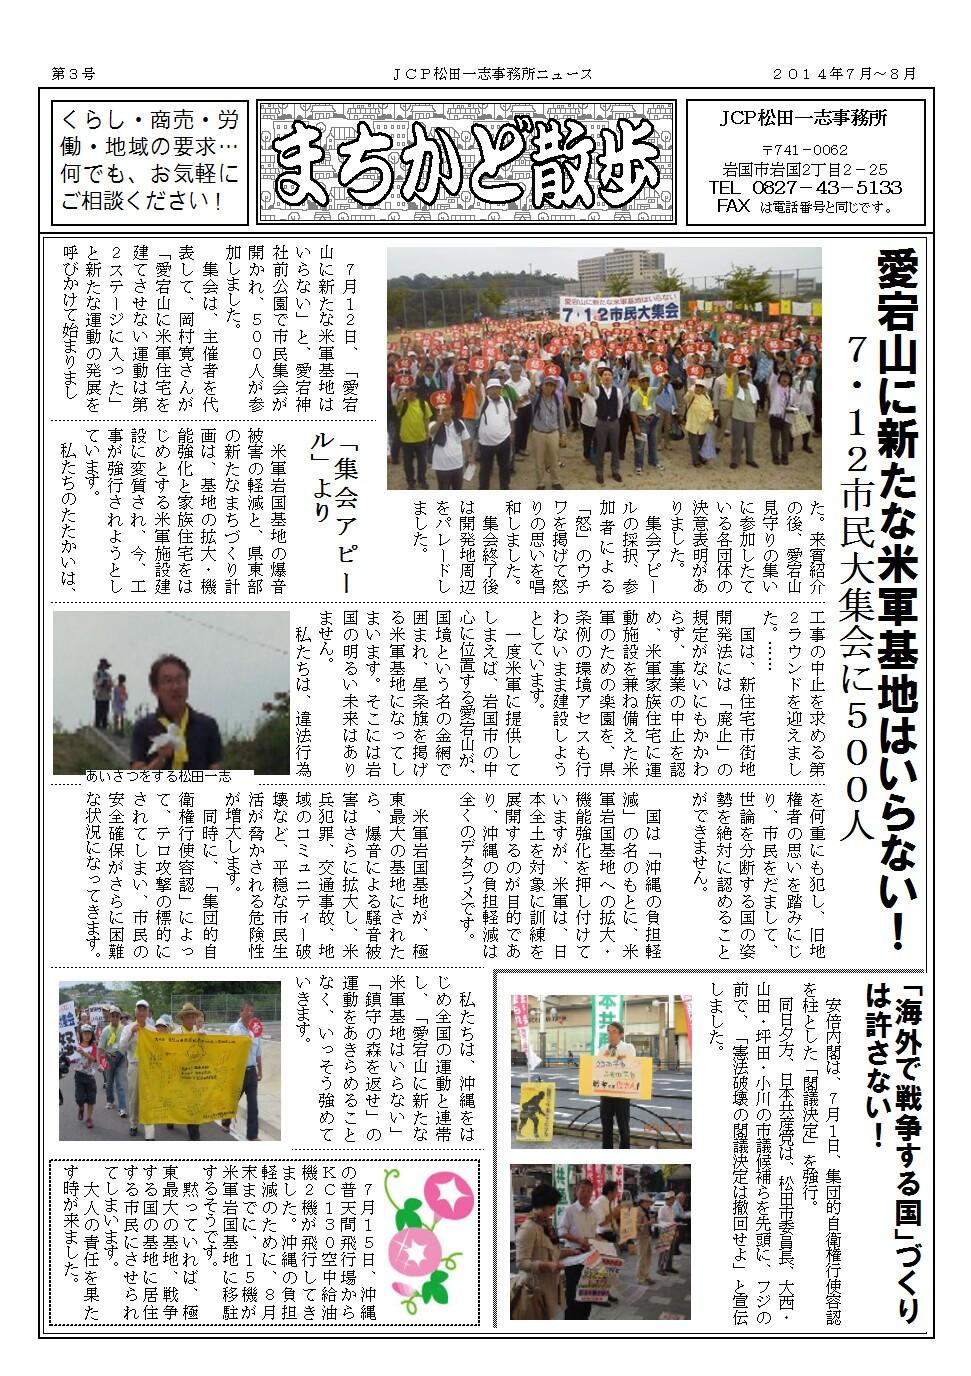 2014年7月~8月 まちかど散歩1.jpg